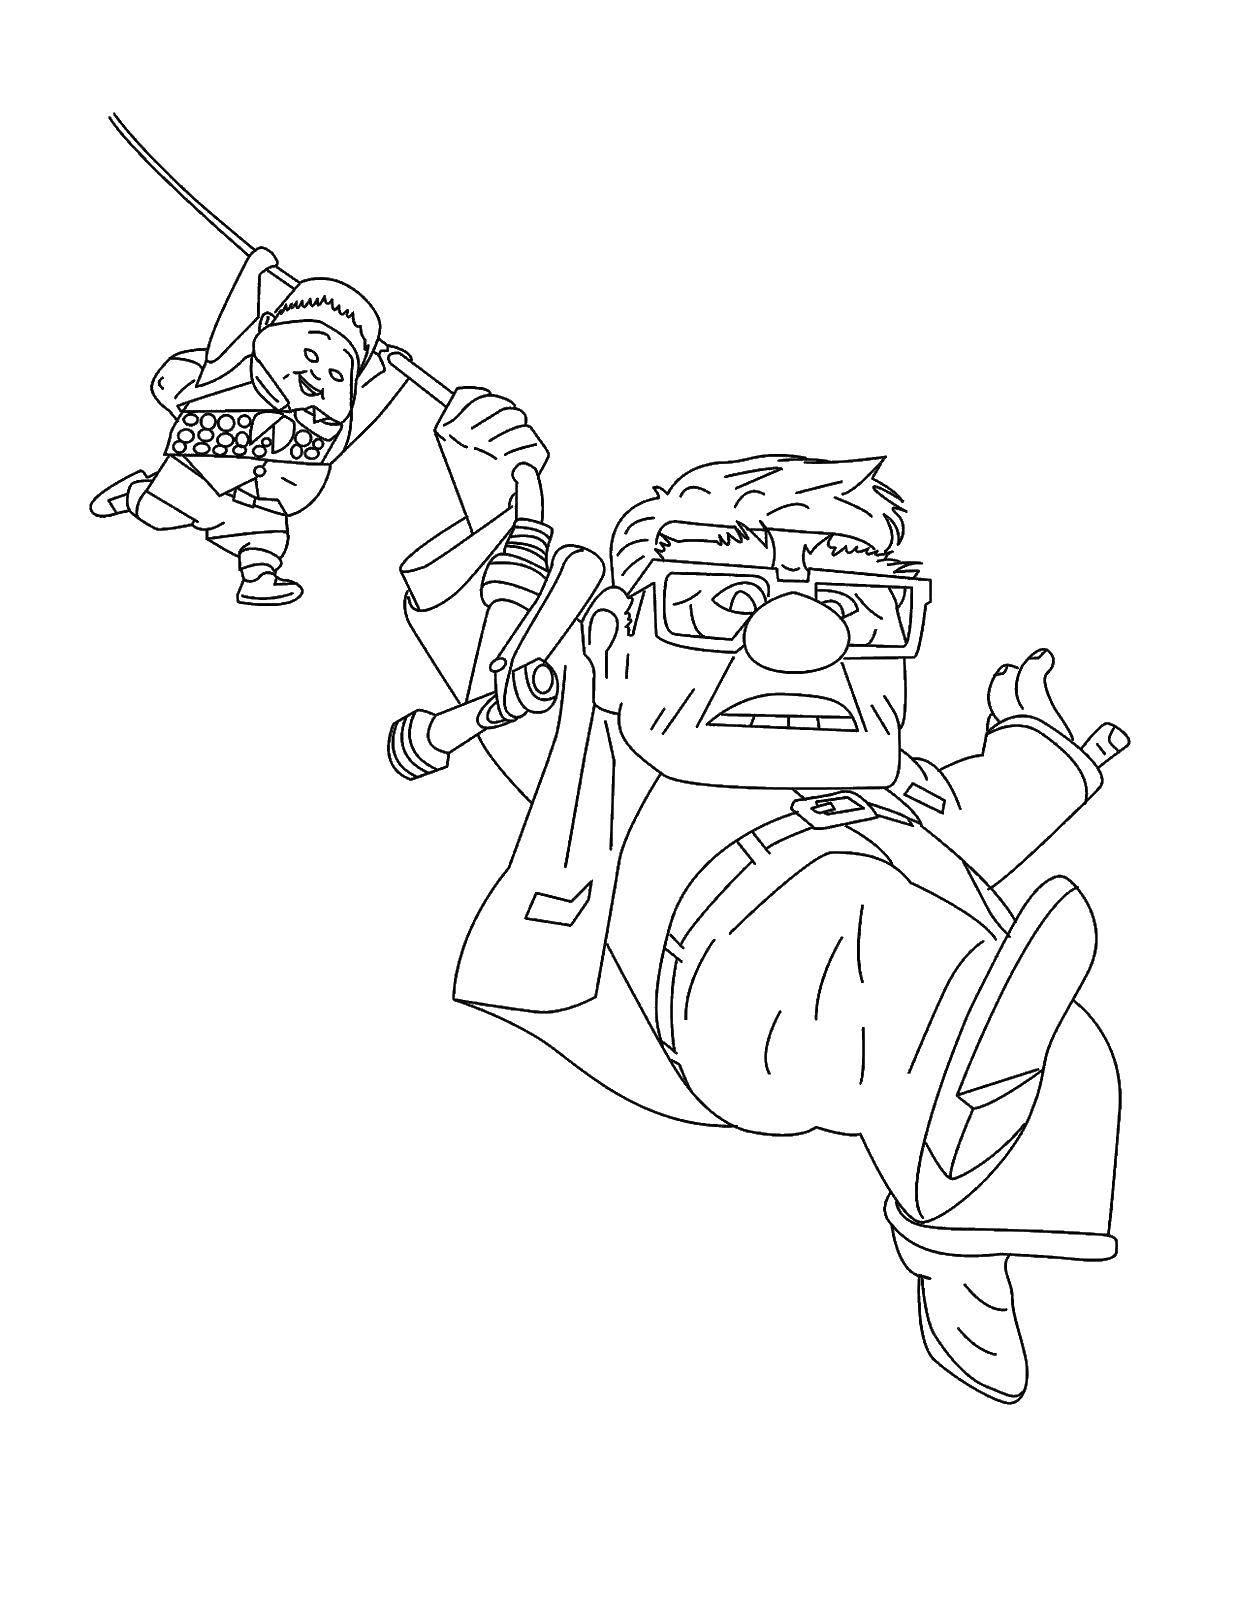 Название: Раскраска Дедушка из мультика вверх. Категория: мультики. Теги: мультики, вверх.